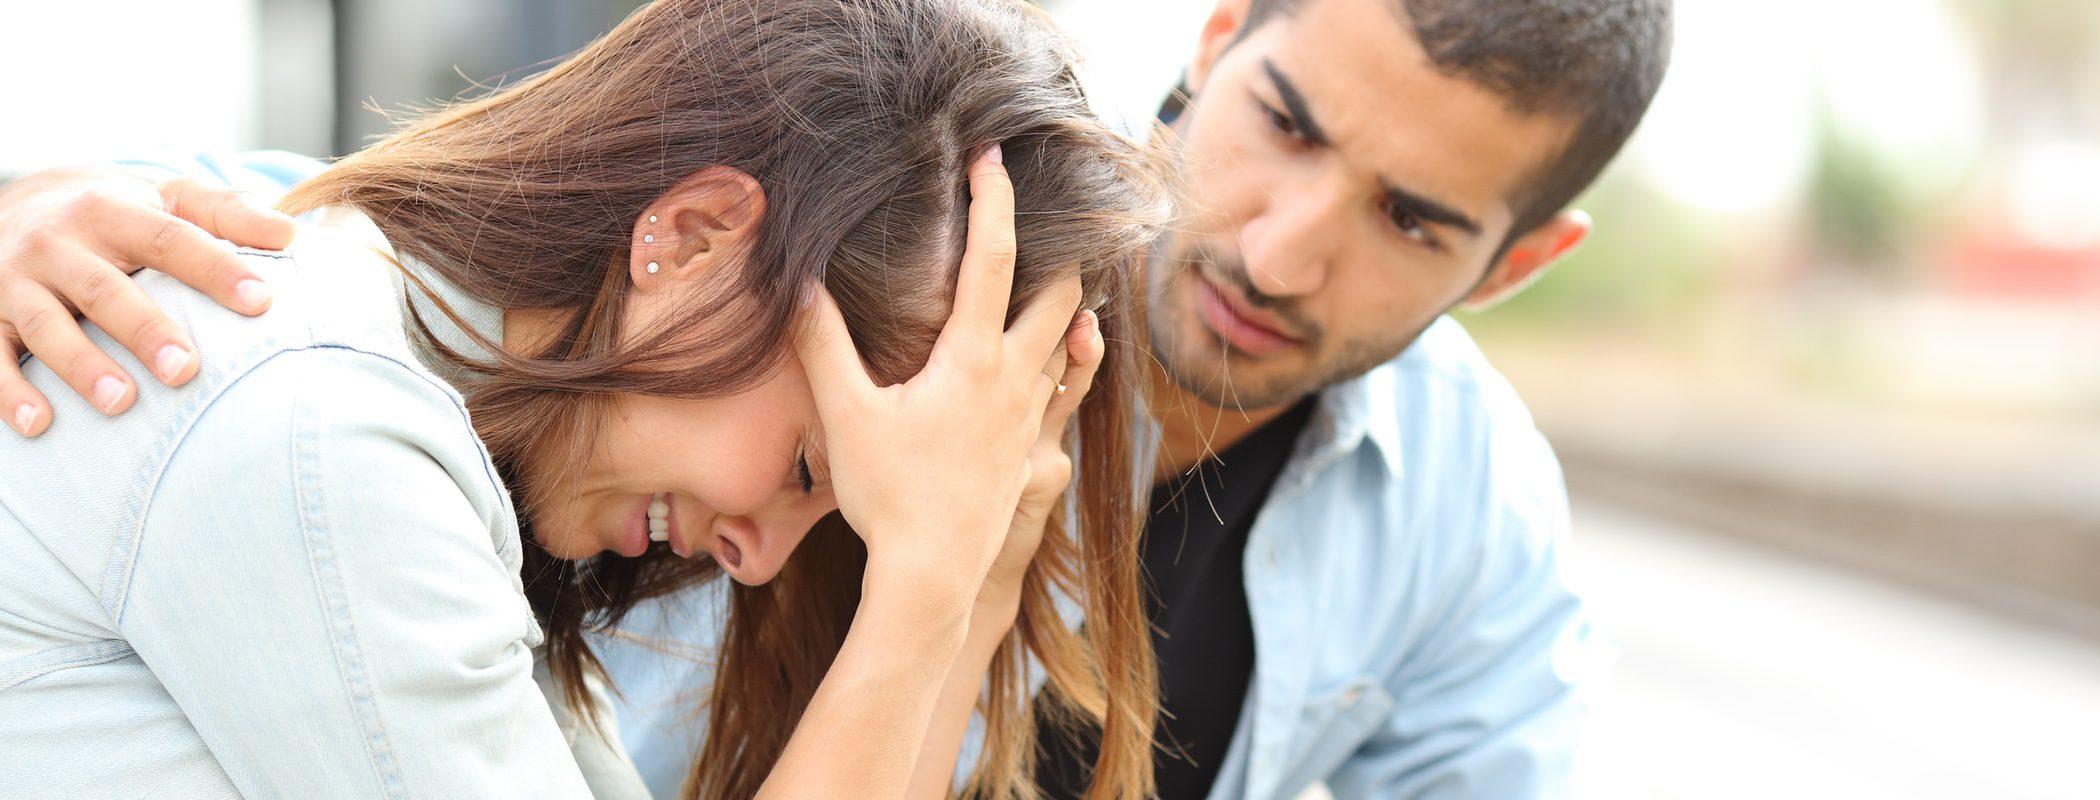 5 frases que no deberías pronunciar en San Valentín delante de tu pareja